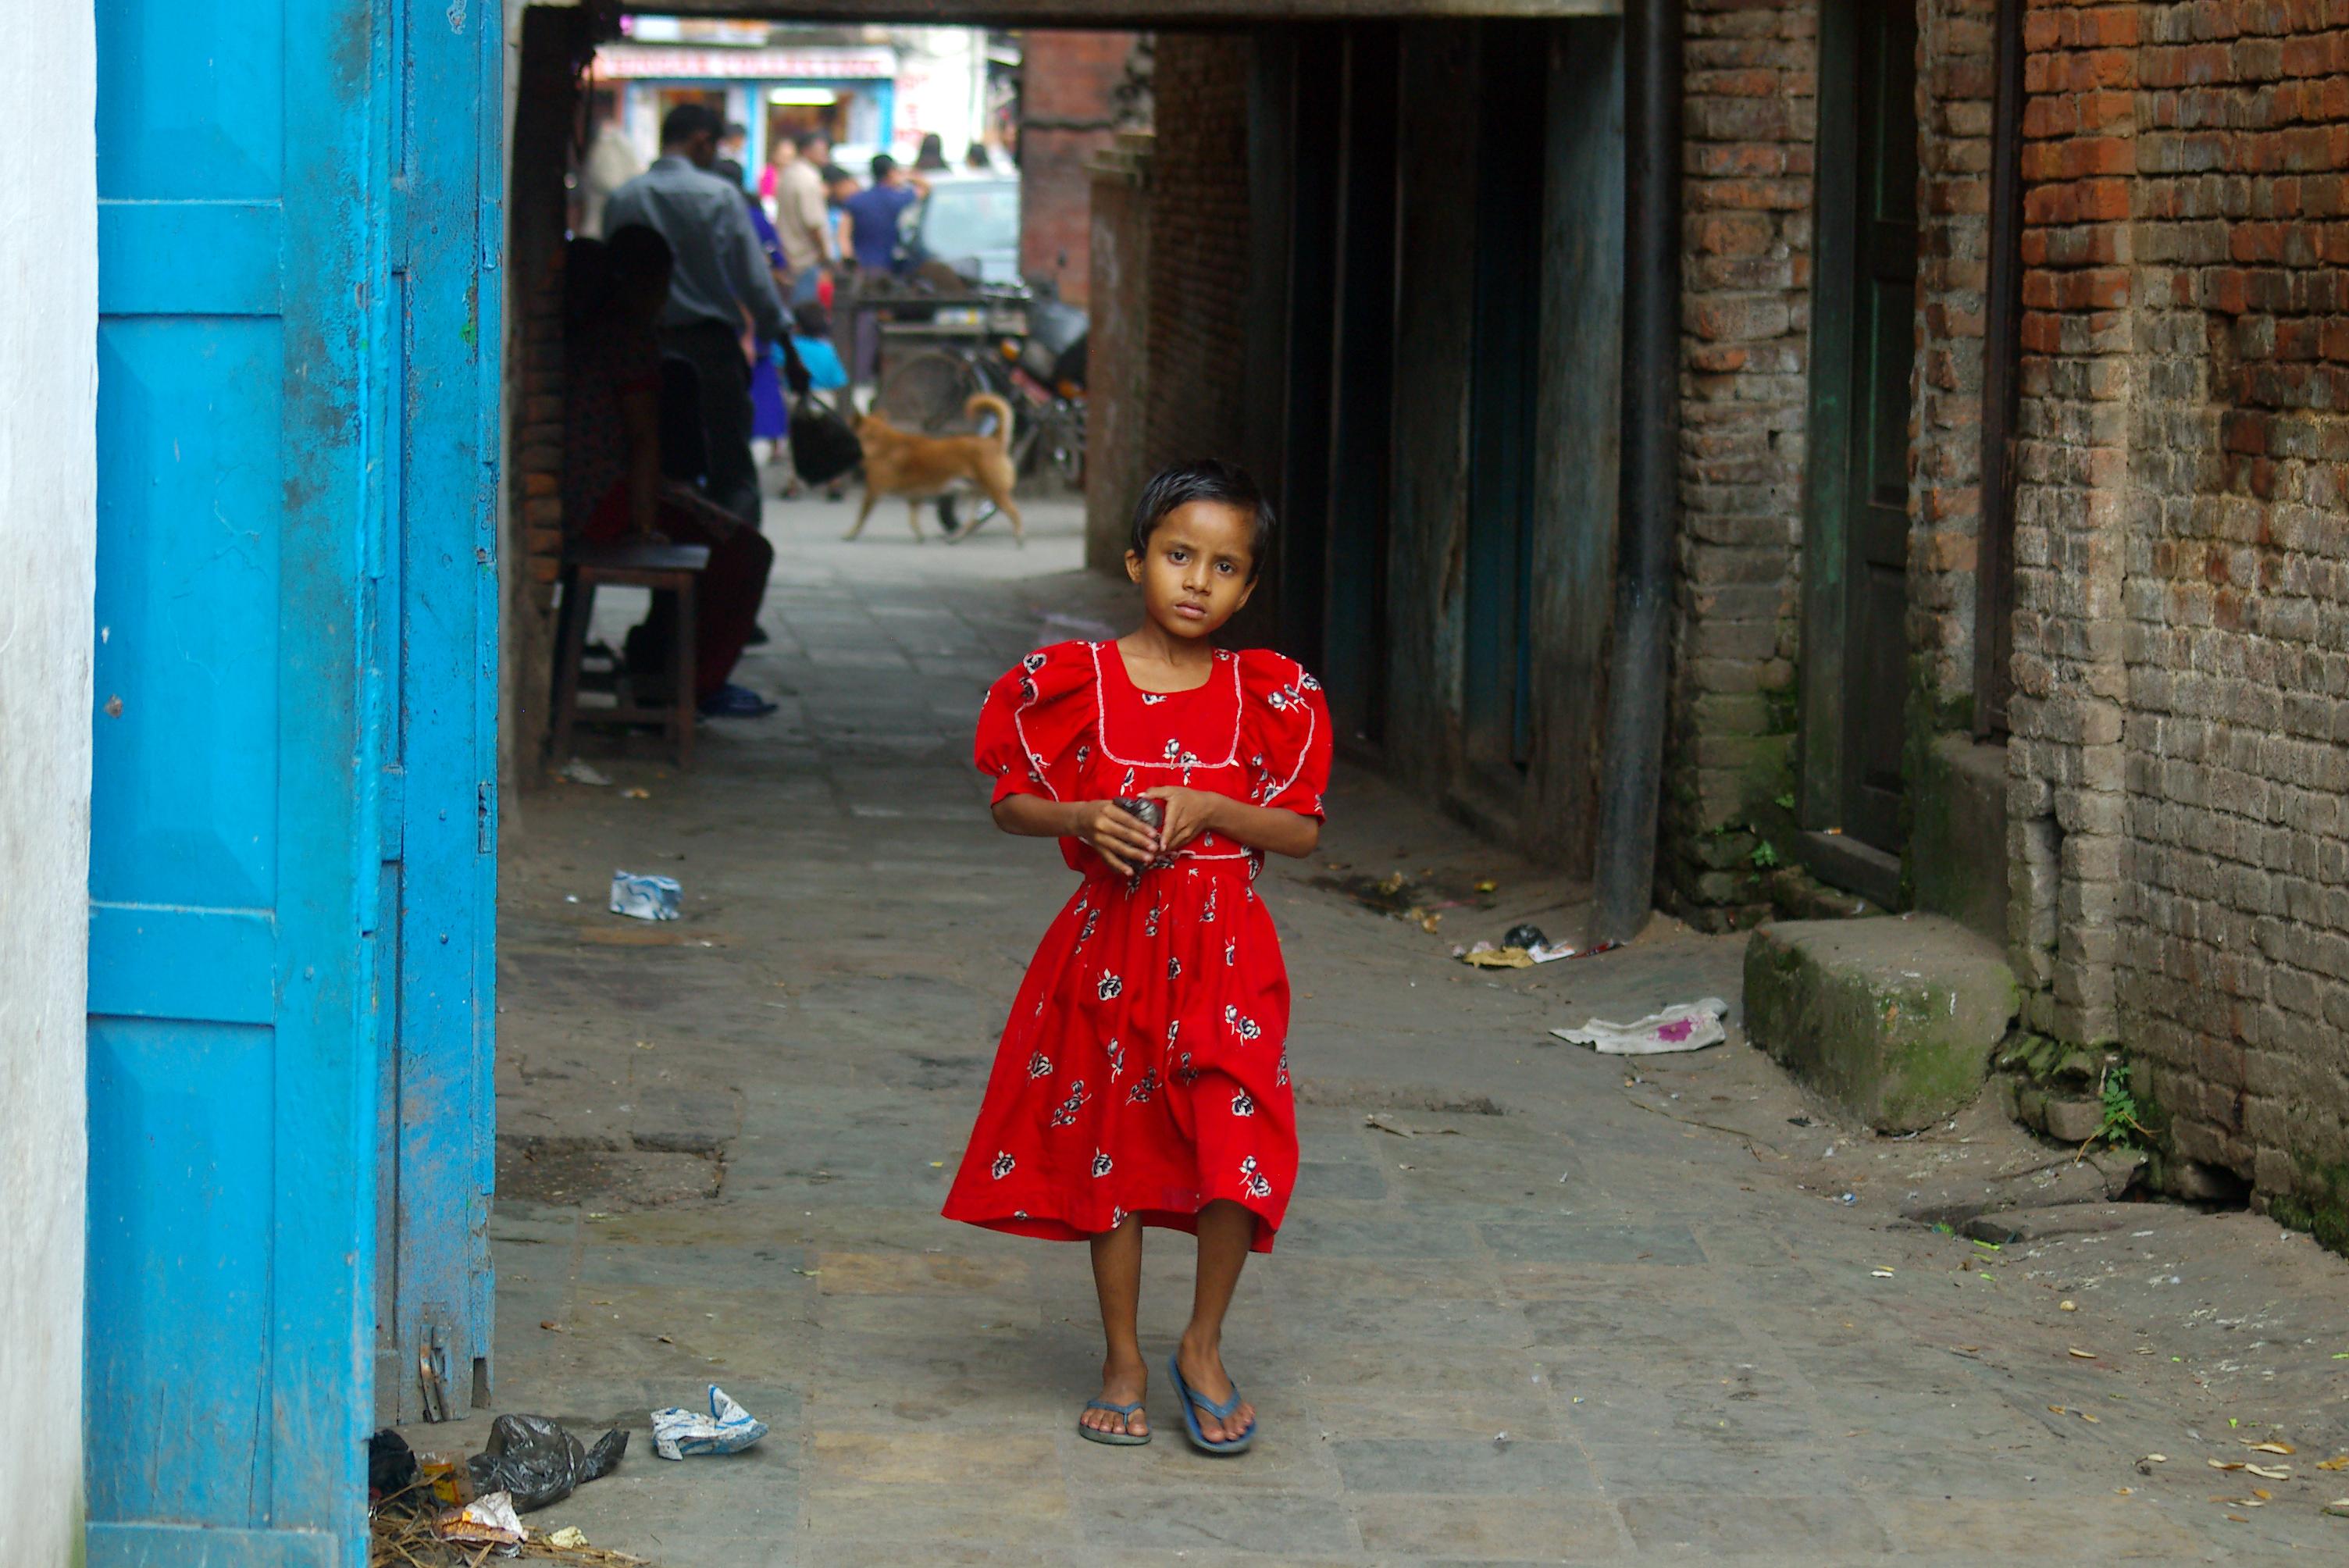 La ragazzina col vestito rosso